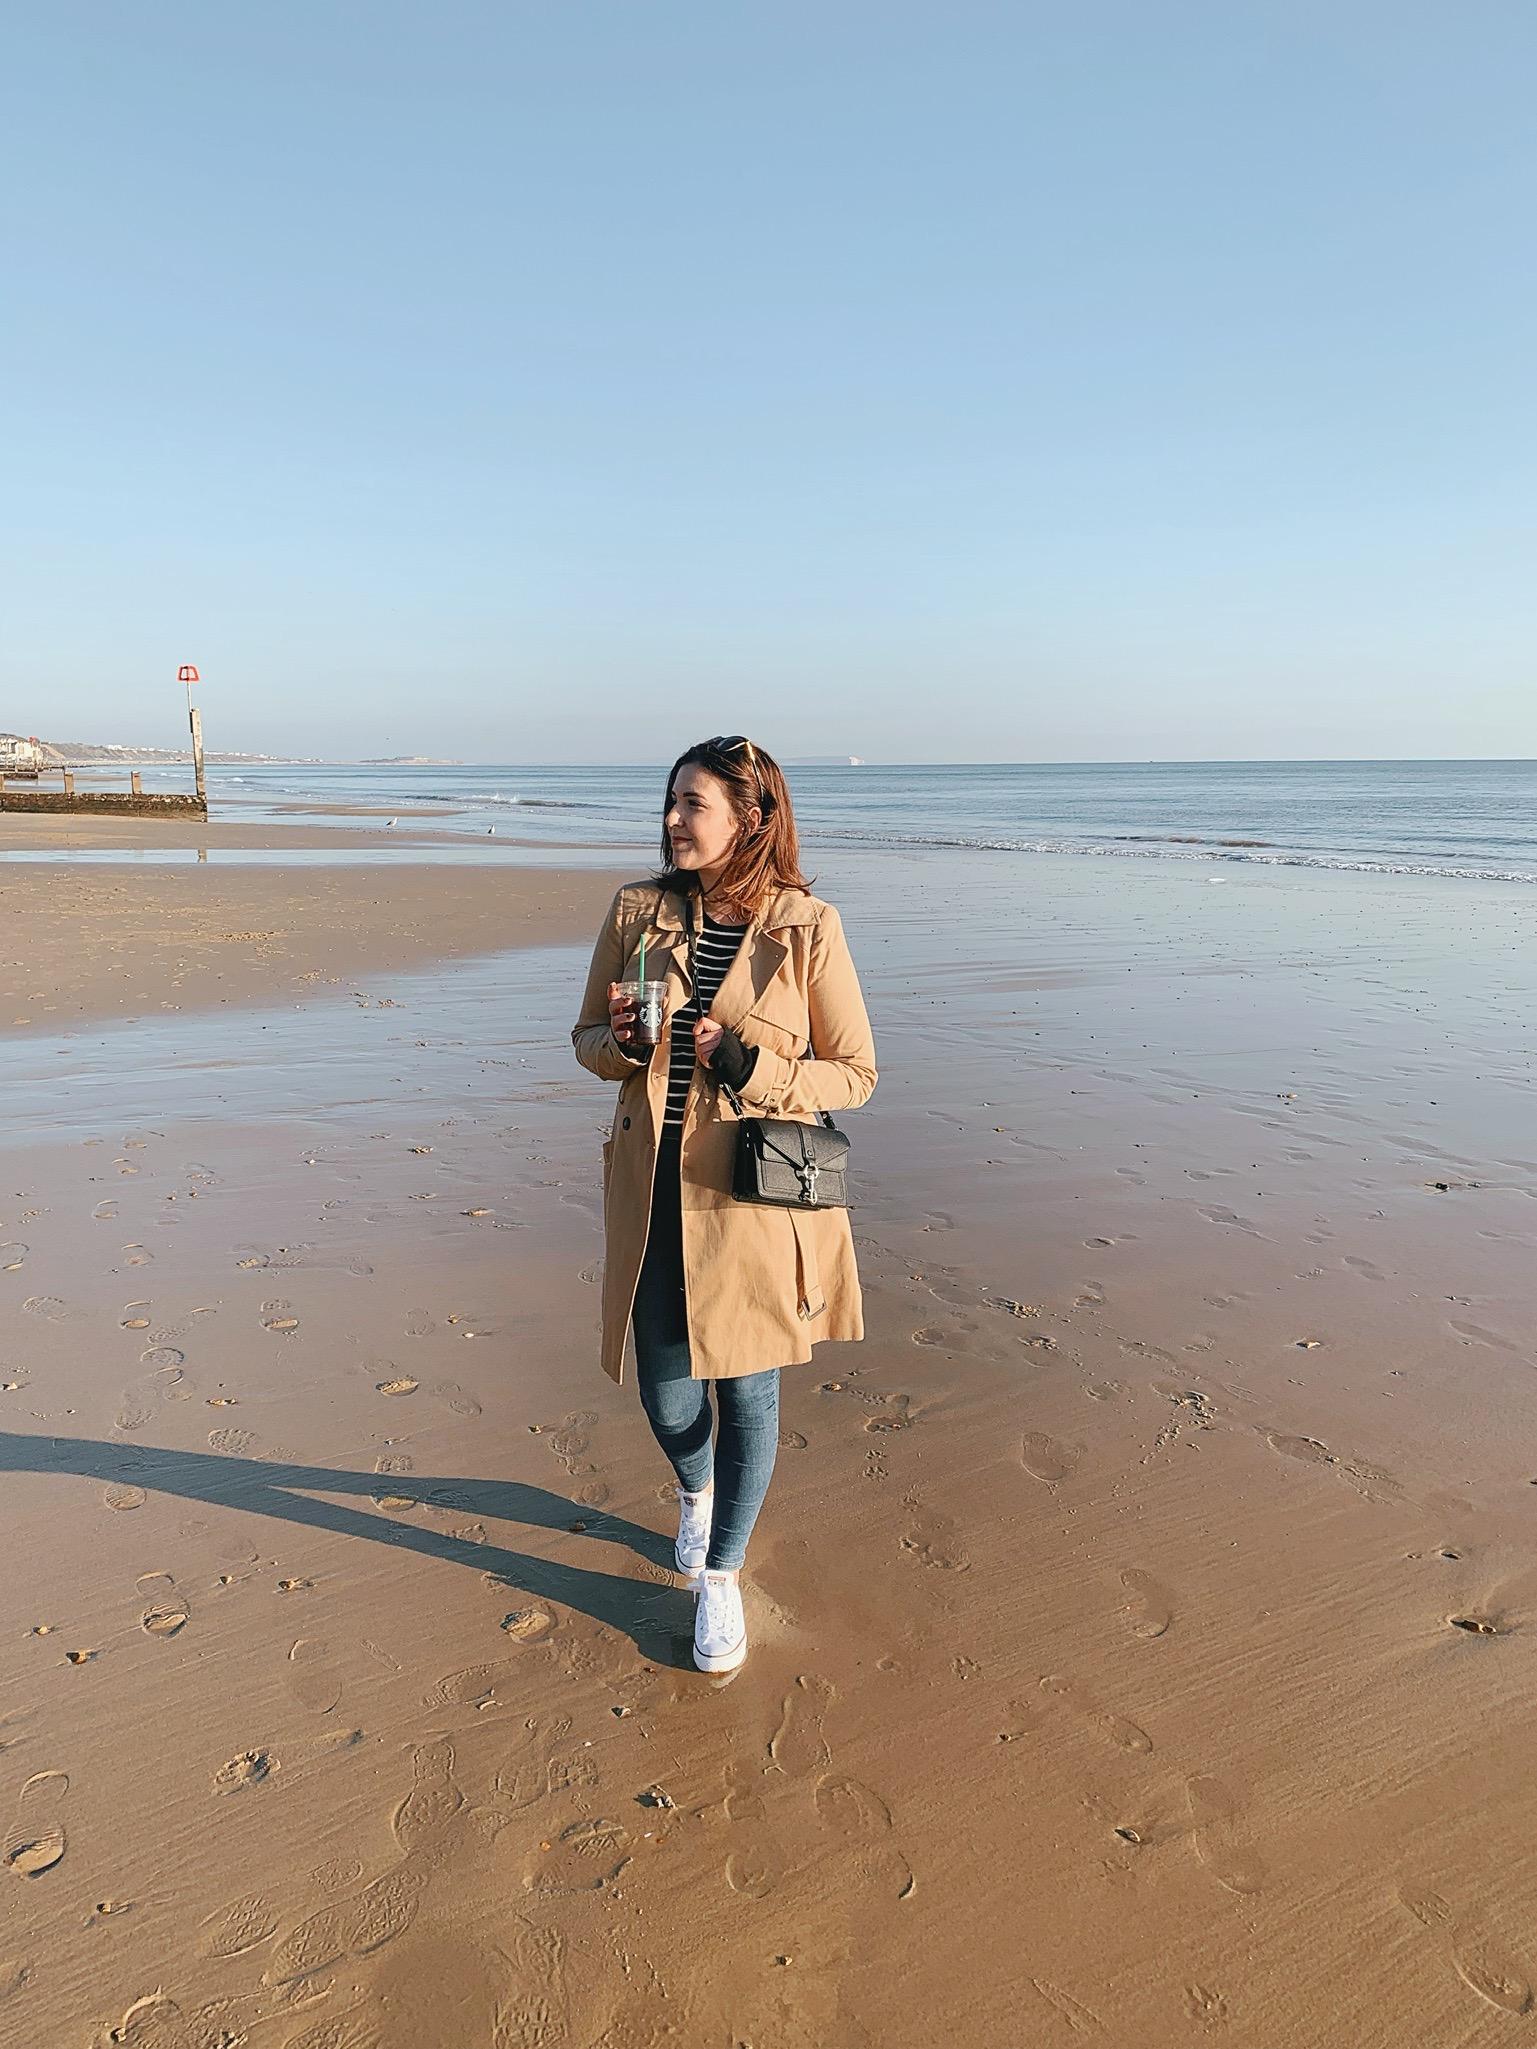 jaye rockett bournemouth beach